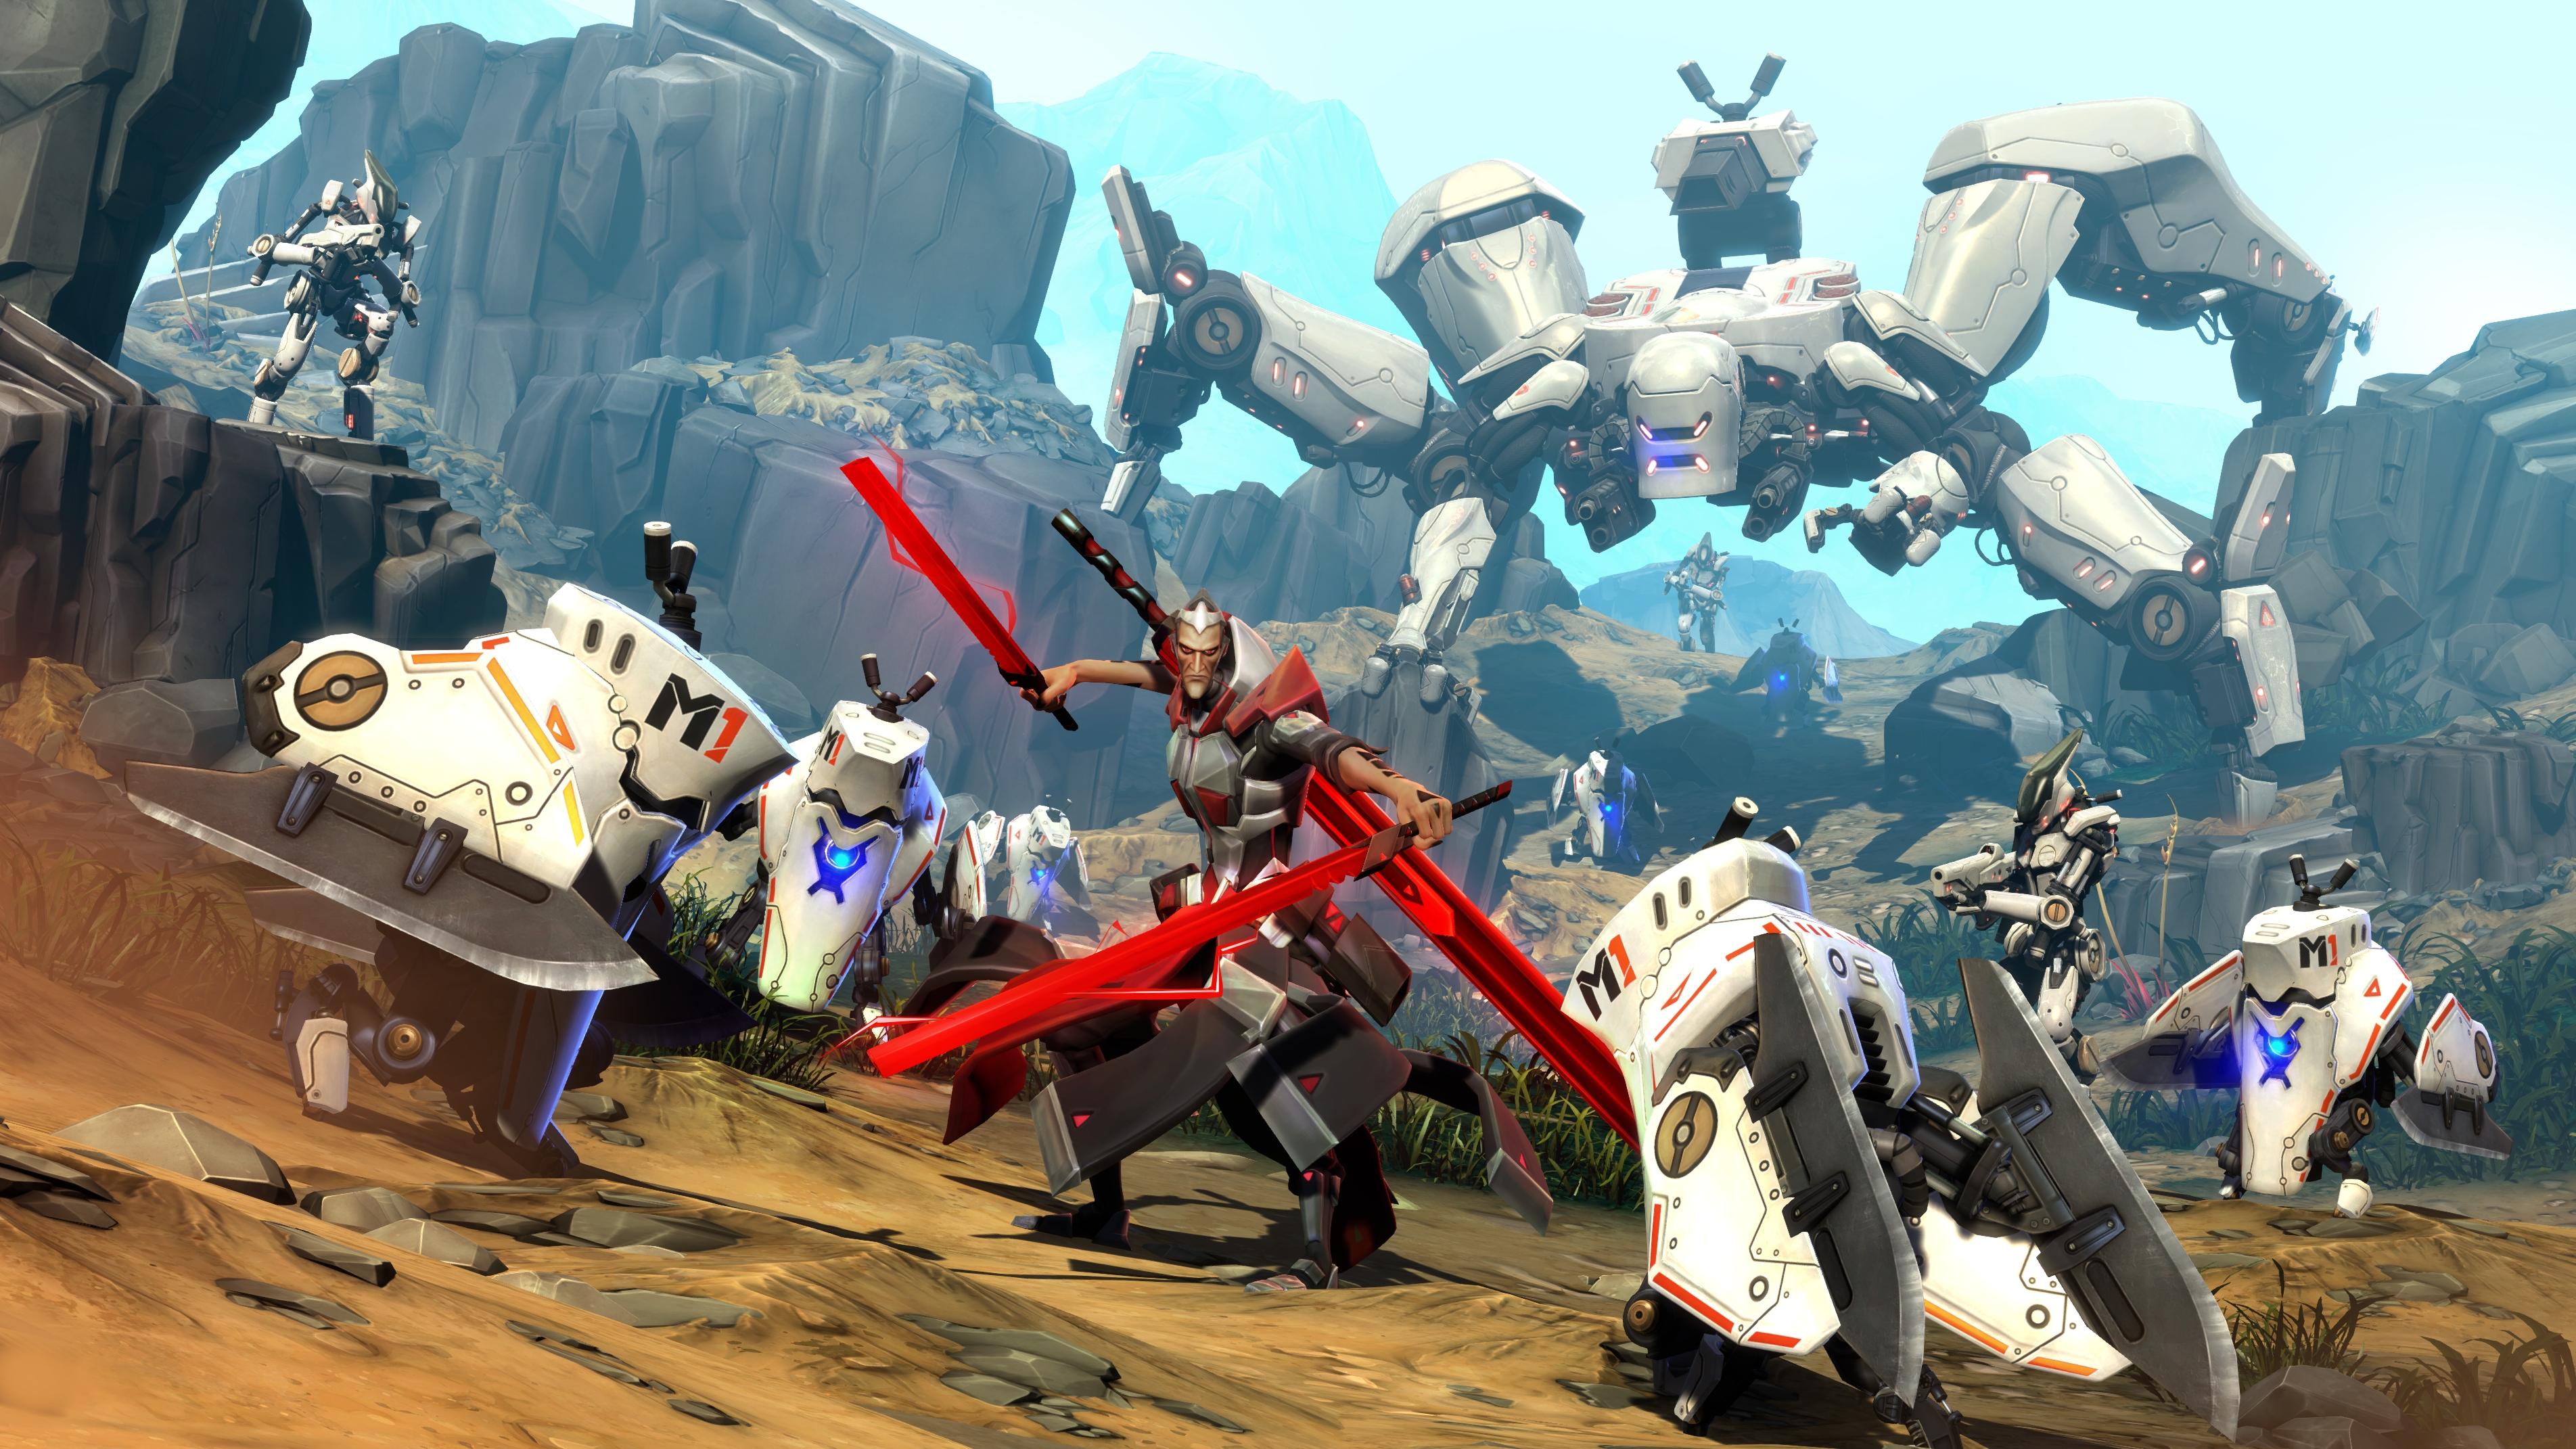 battleborn screenshot - campaign rath ambush